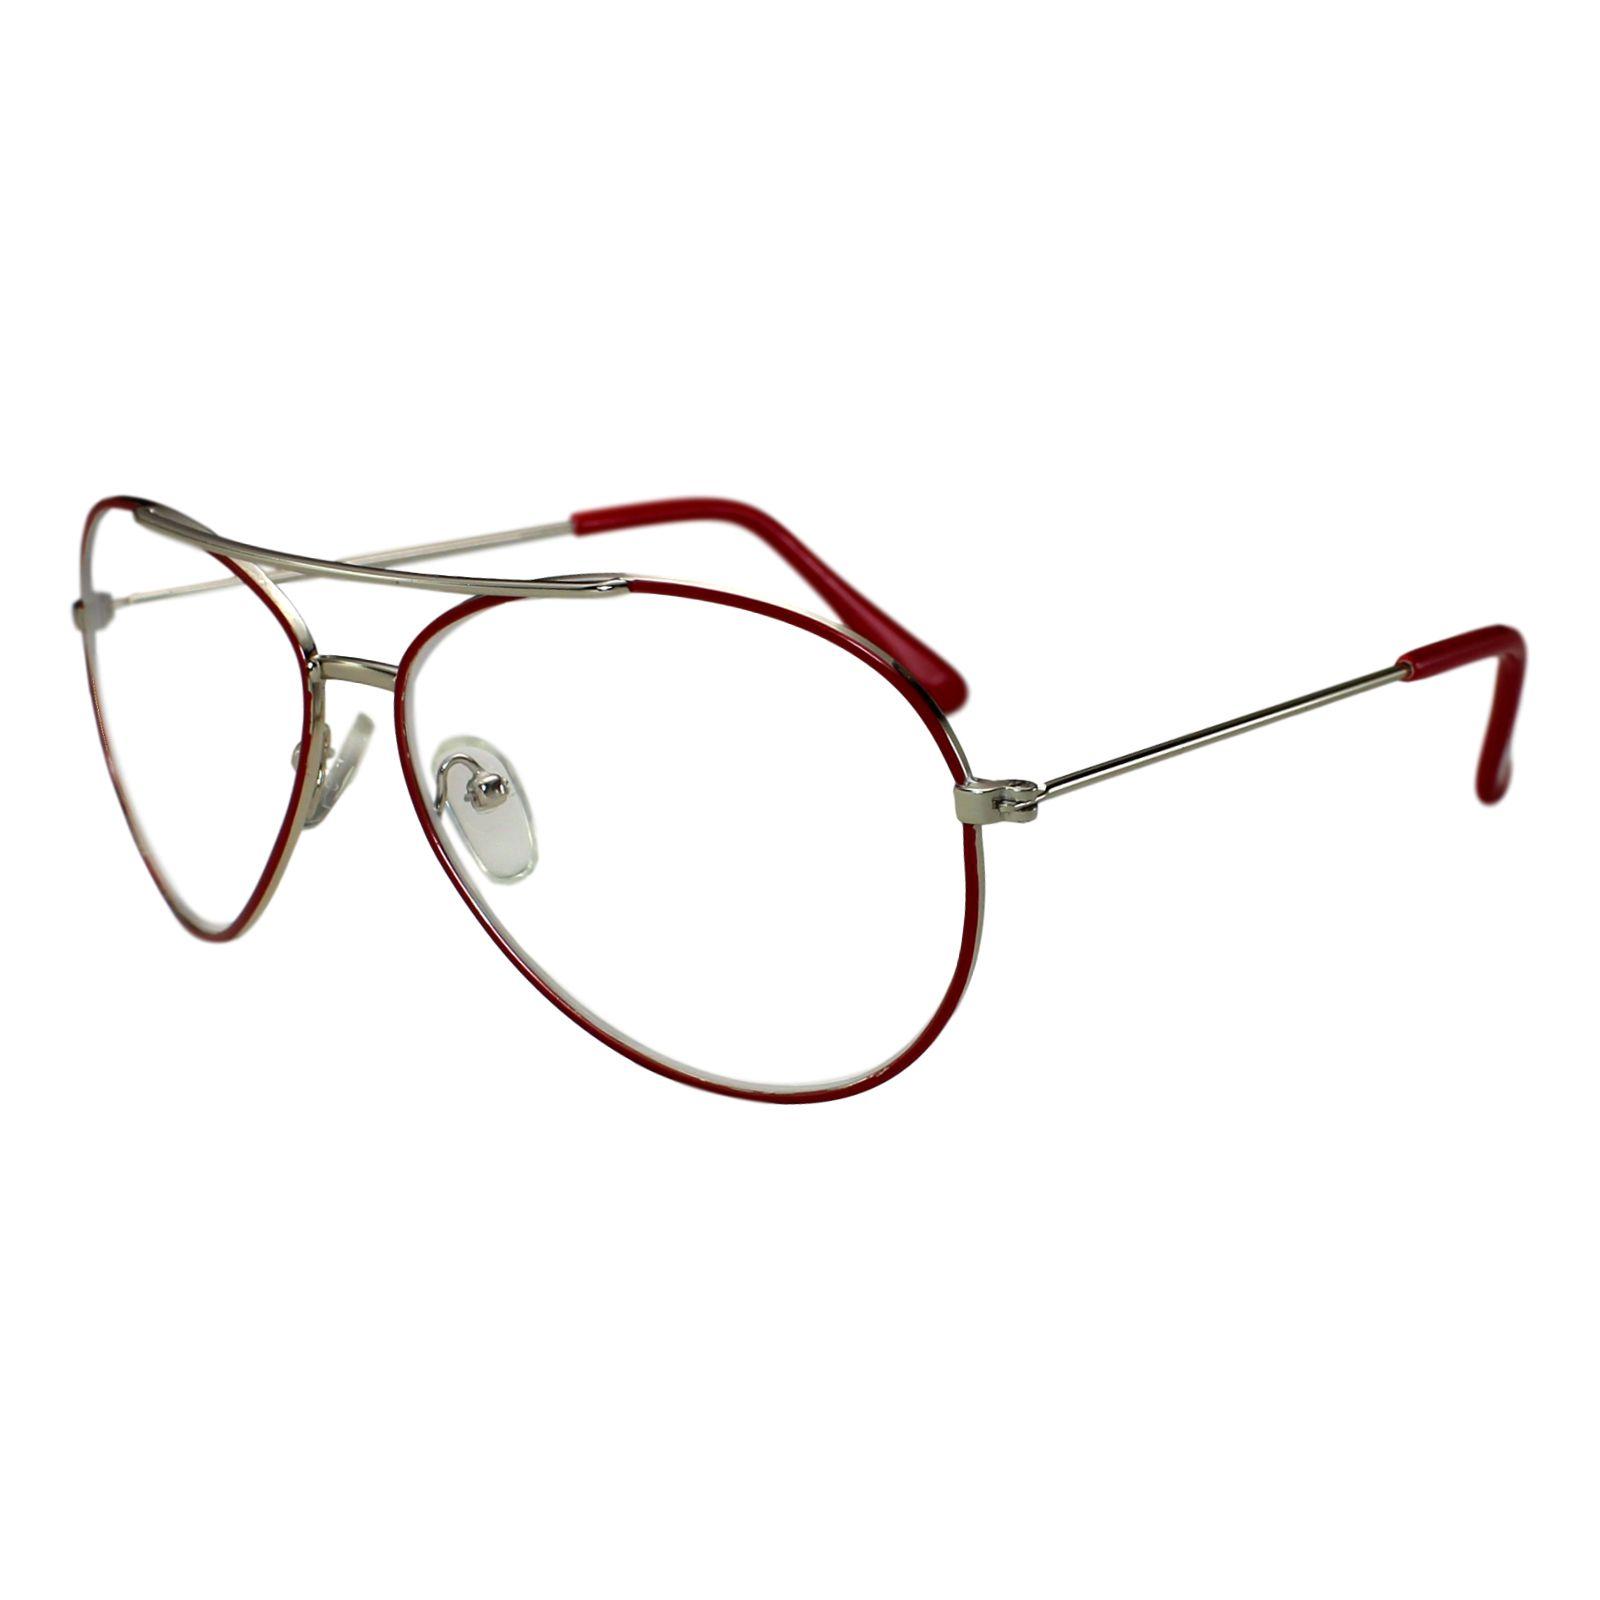 c69232b269055 Armação para Óculos Díspar ID1745 infantil- Vermelho Idade 9 a 12 anos